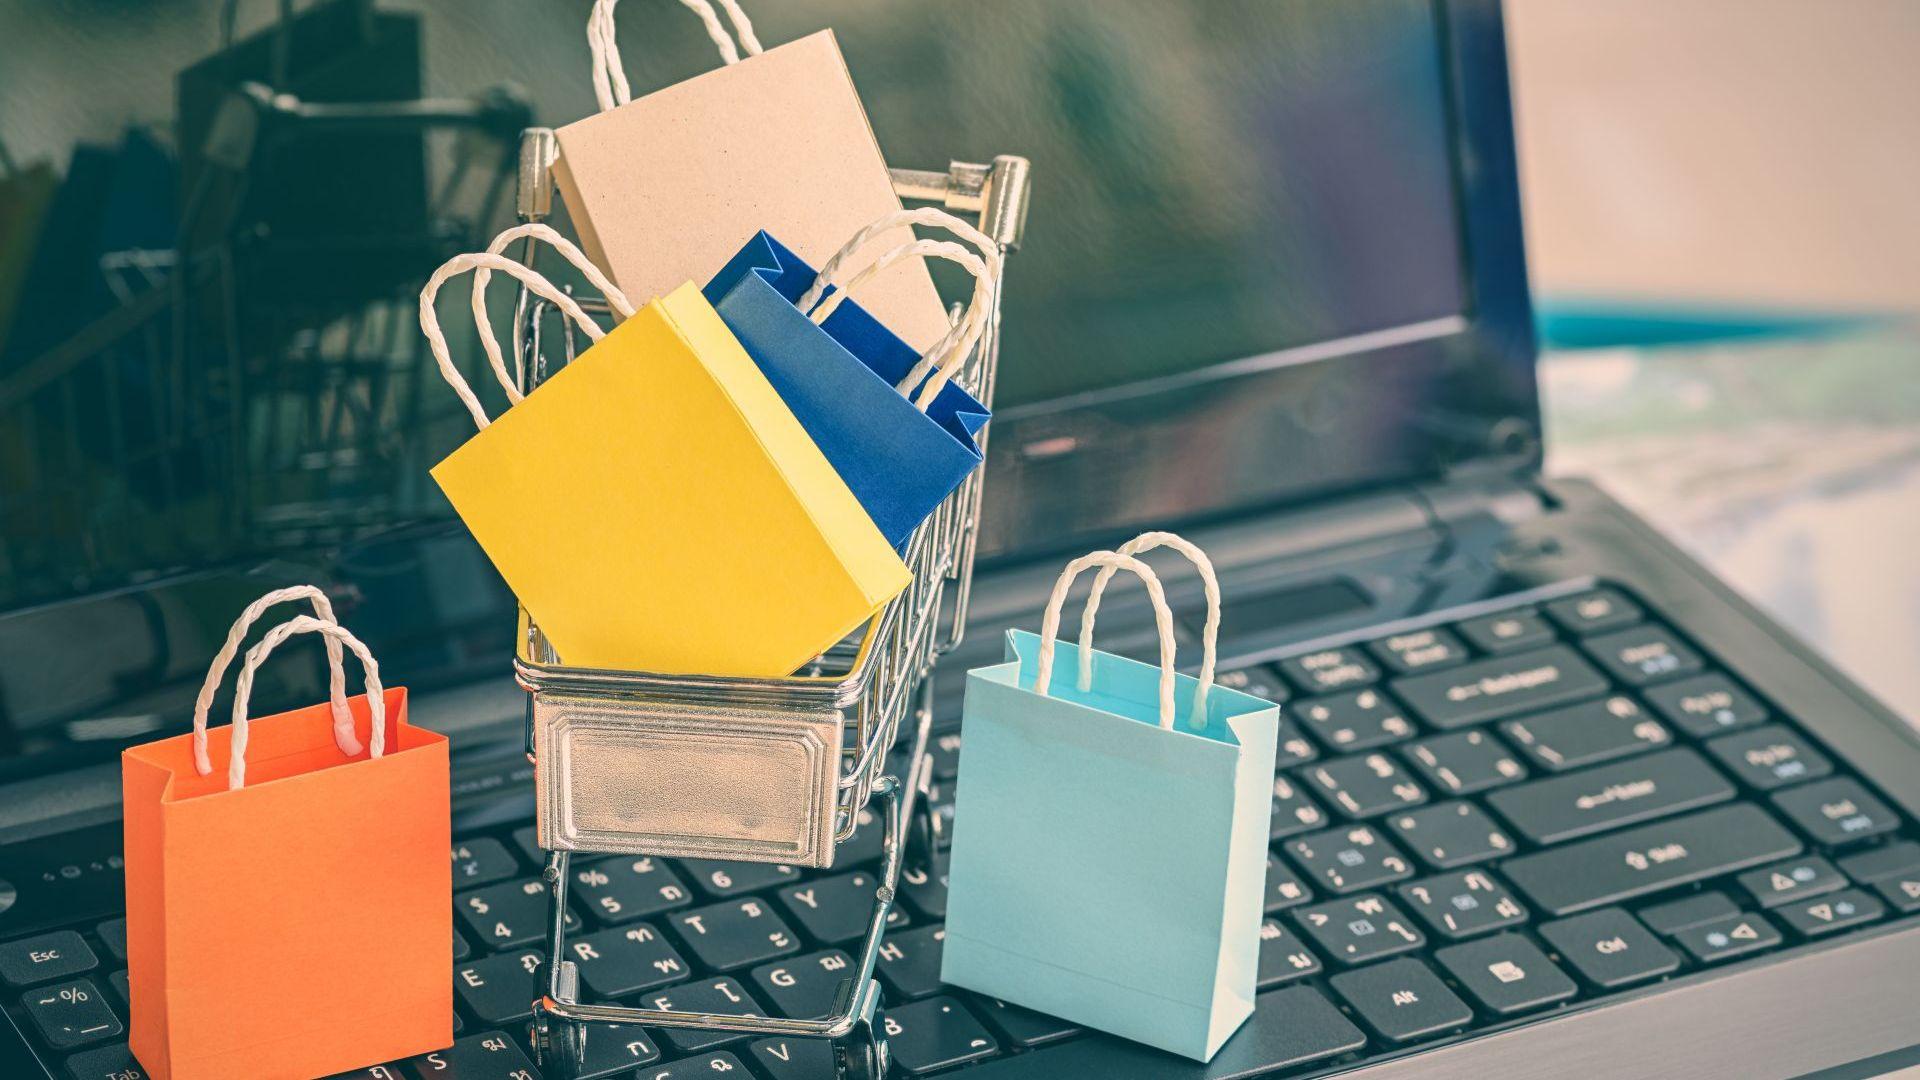 Купуваме и продаваме в OLX, но с повишено внимание за новите фишинг атаки